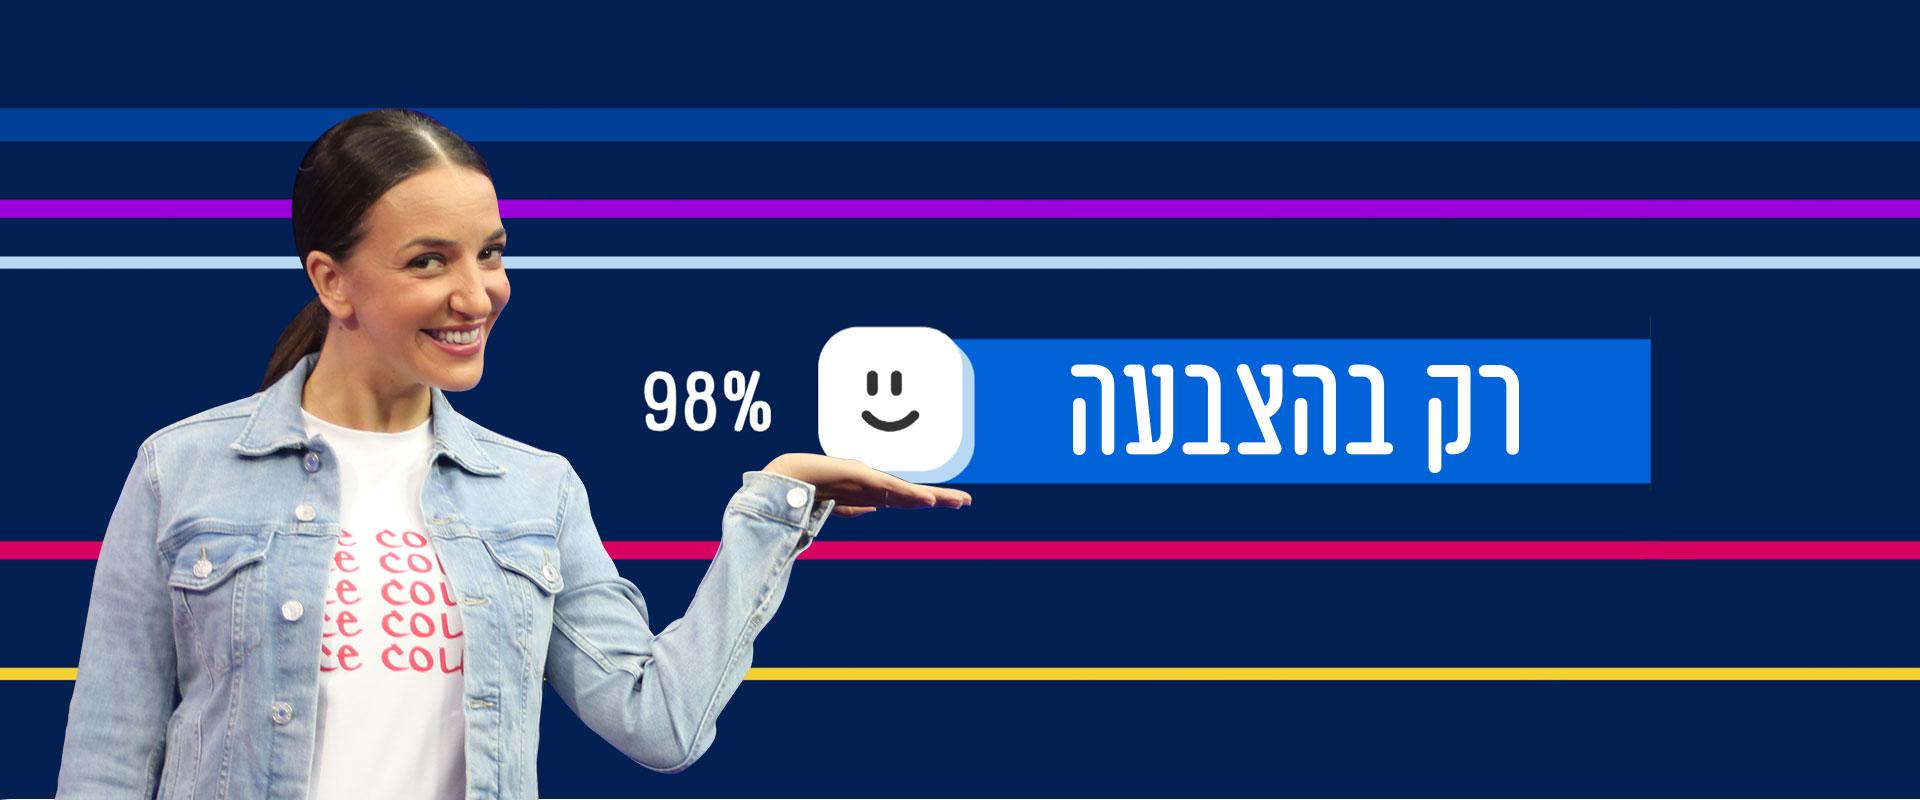 רק בהצבעה